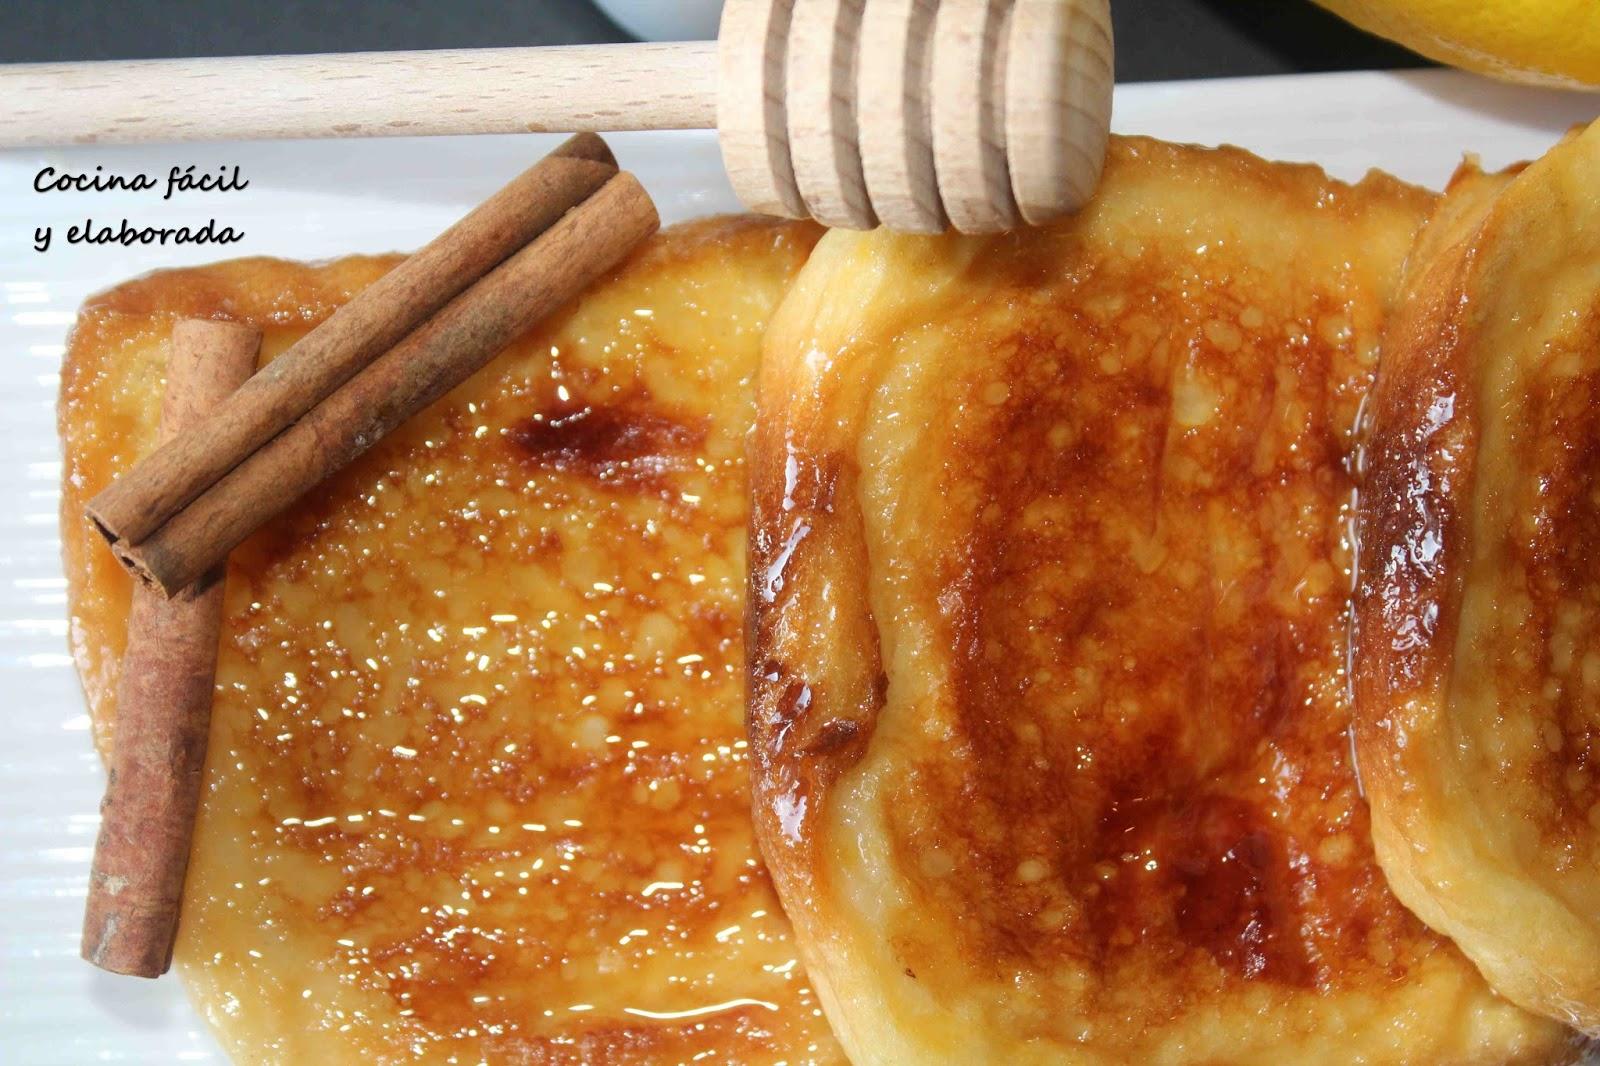 cocina facil y elaborada TORRIJAS DE MIEL AL HORNO